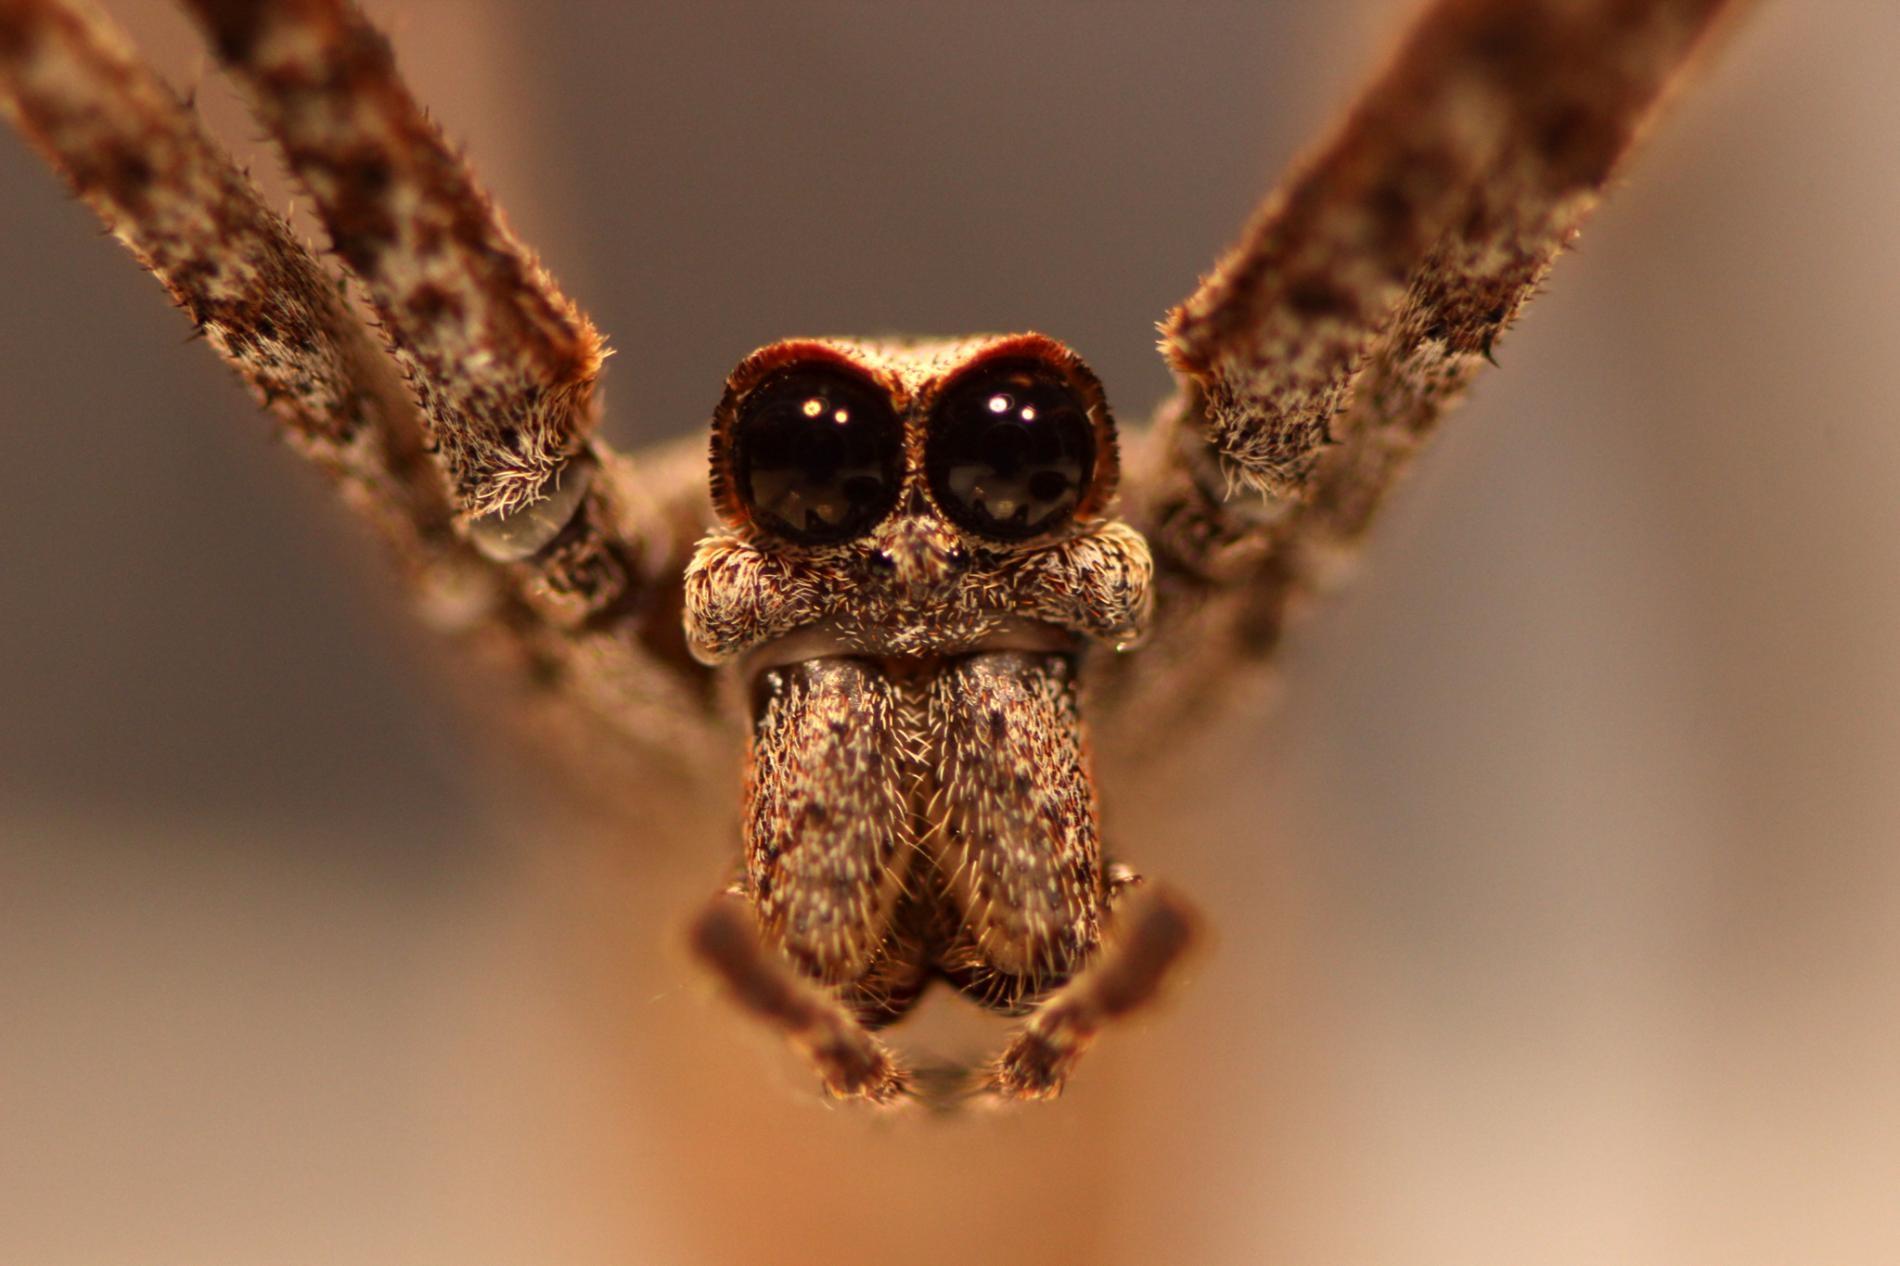 鬼面蛛有八個眼睛,其中朝向正面的兩顆超大眼睛是牠獲得這個名稱的原因。PHOTOGRAPH BY JAY STAFSTROM